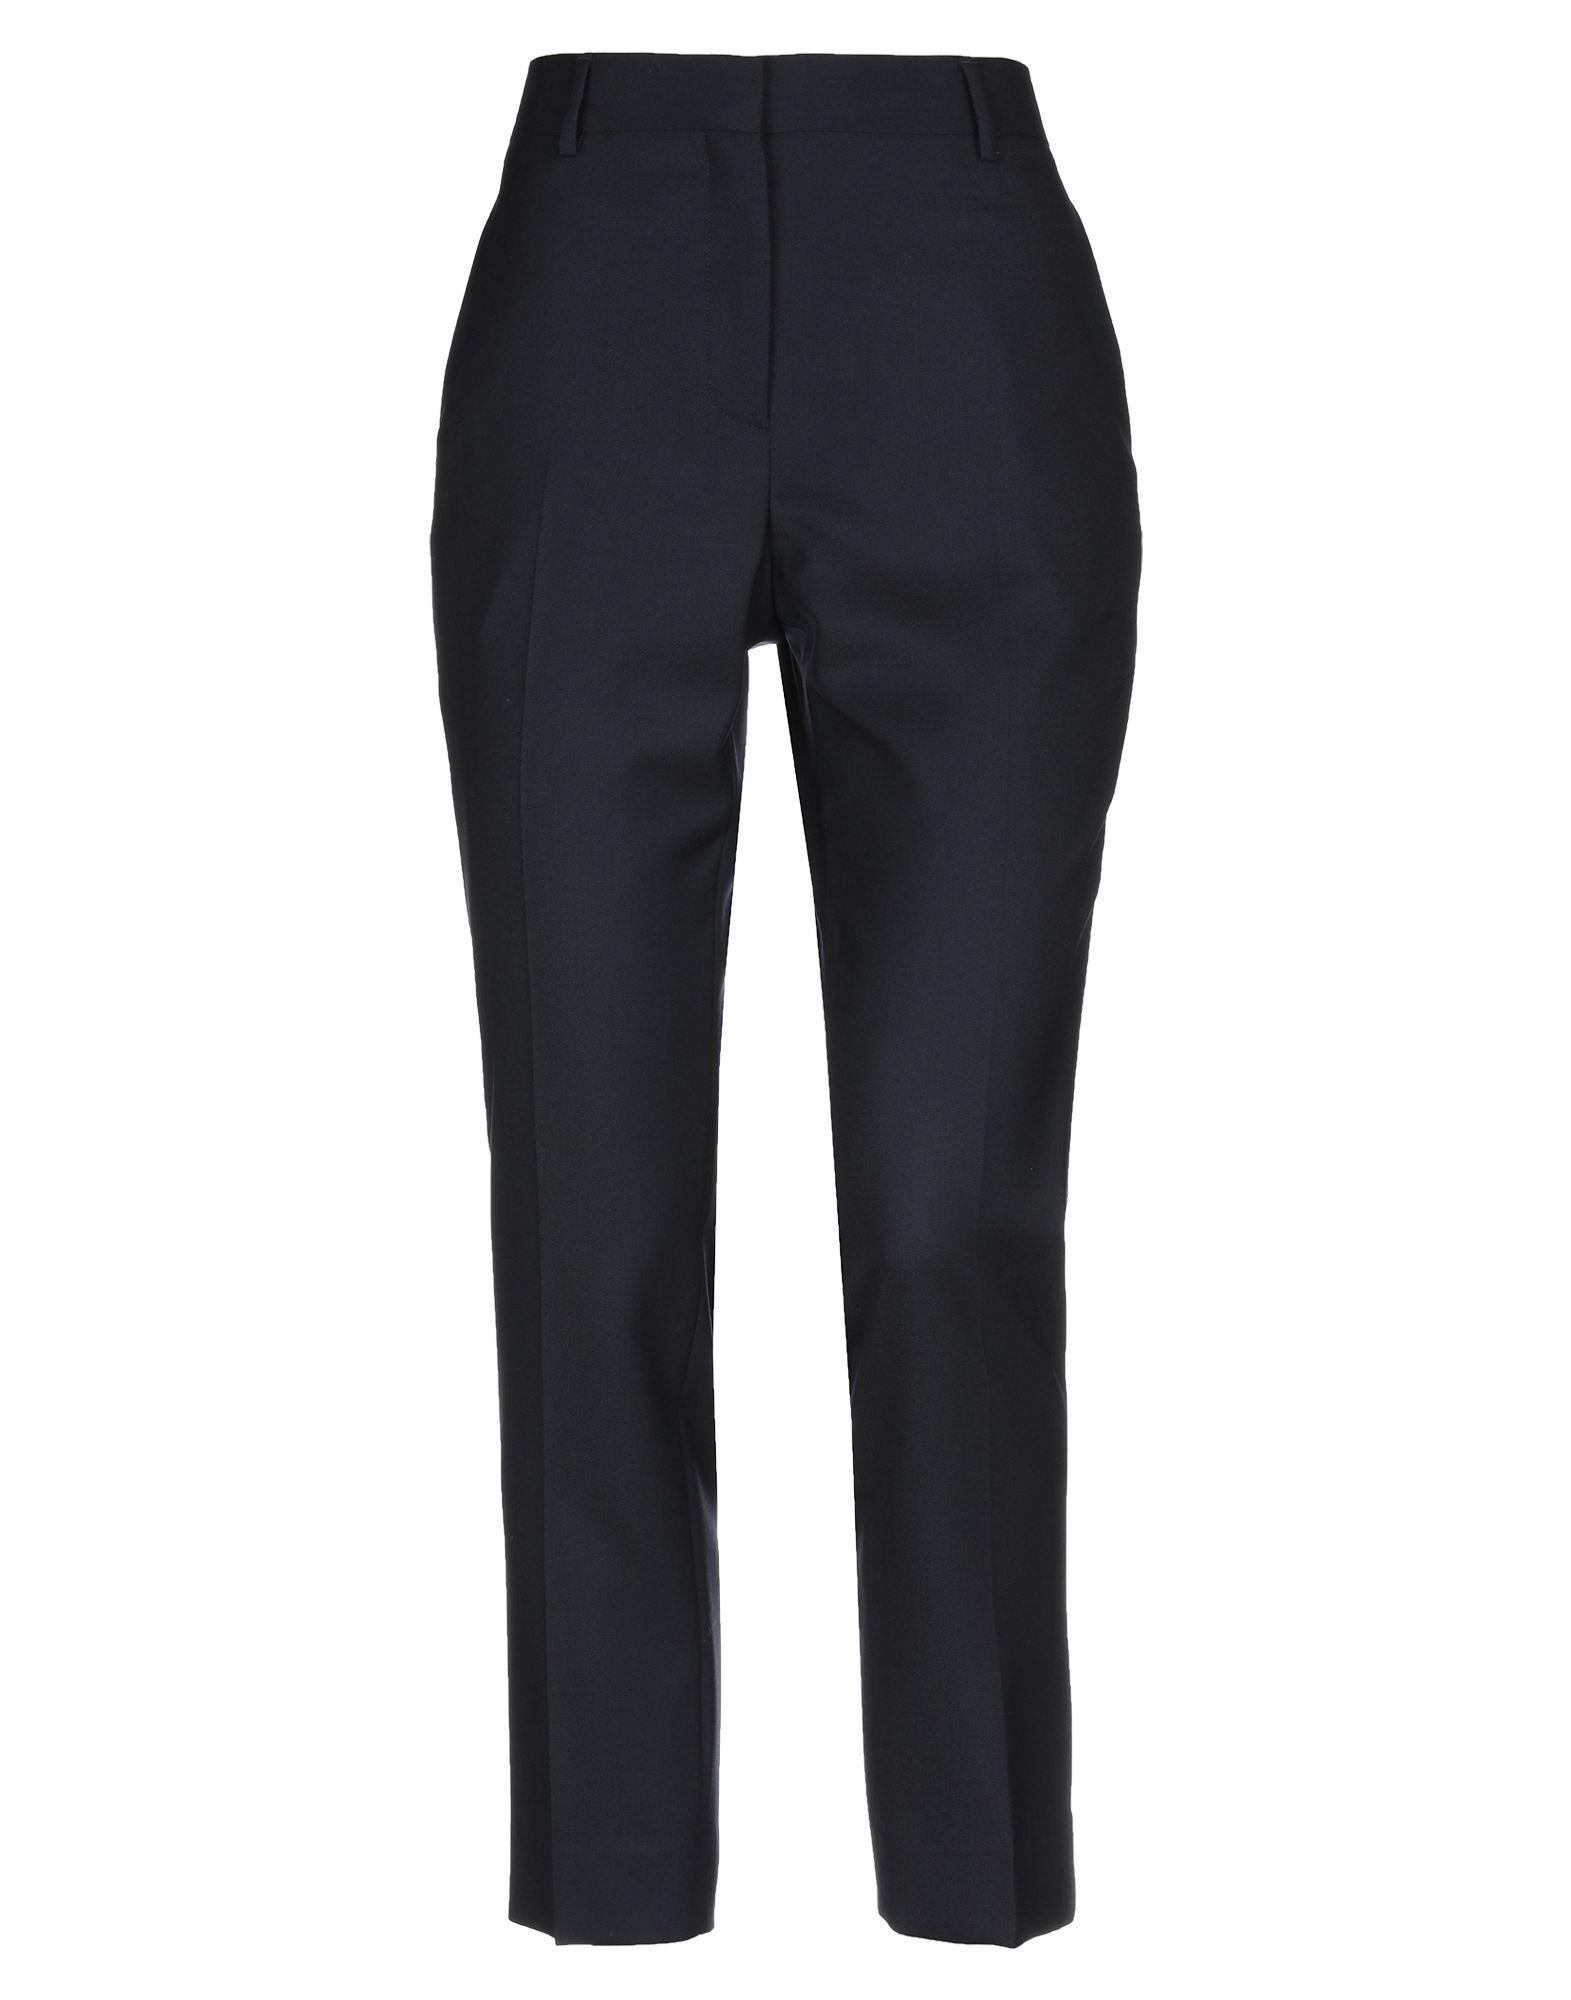 Pantalone Paul Smith damen - 13205708LH